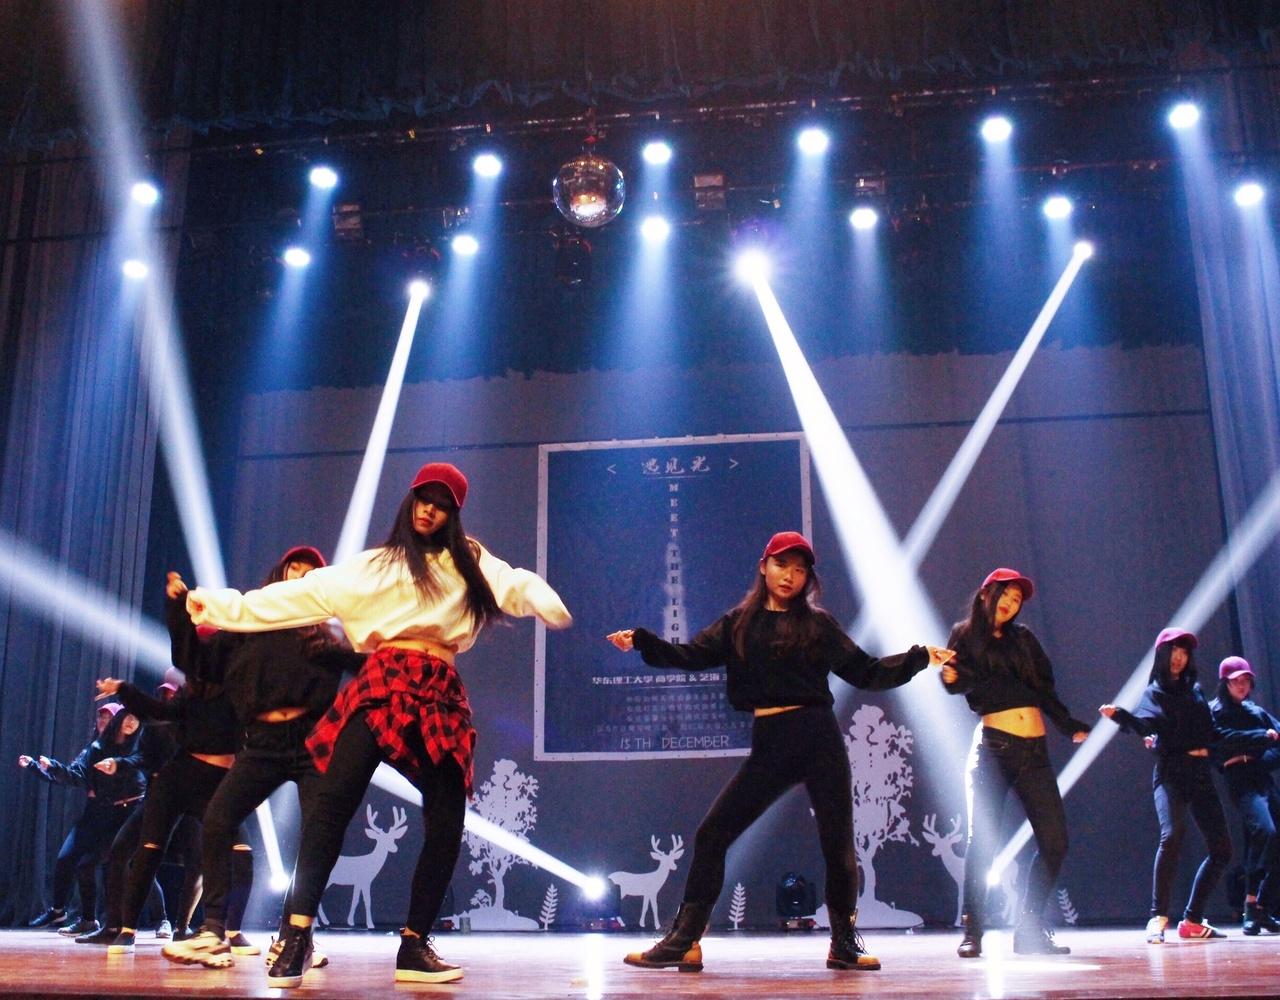 【艺海】 Cover M.I.A.-Go Off /Viva舞室Choreography by Jane